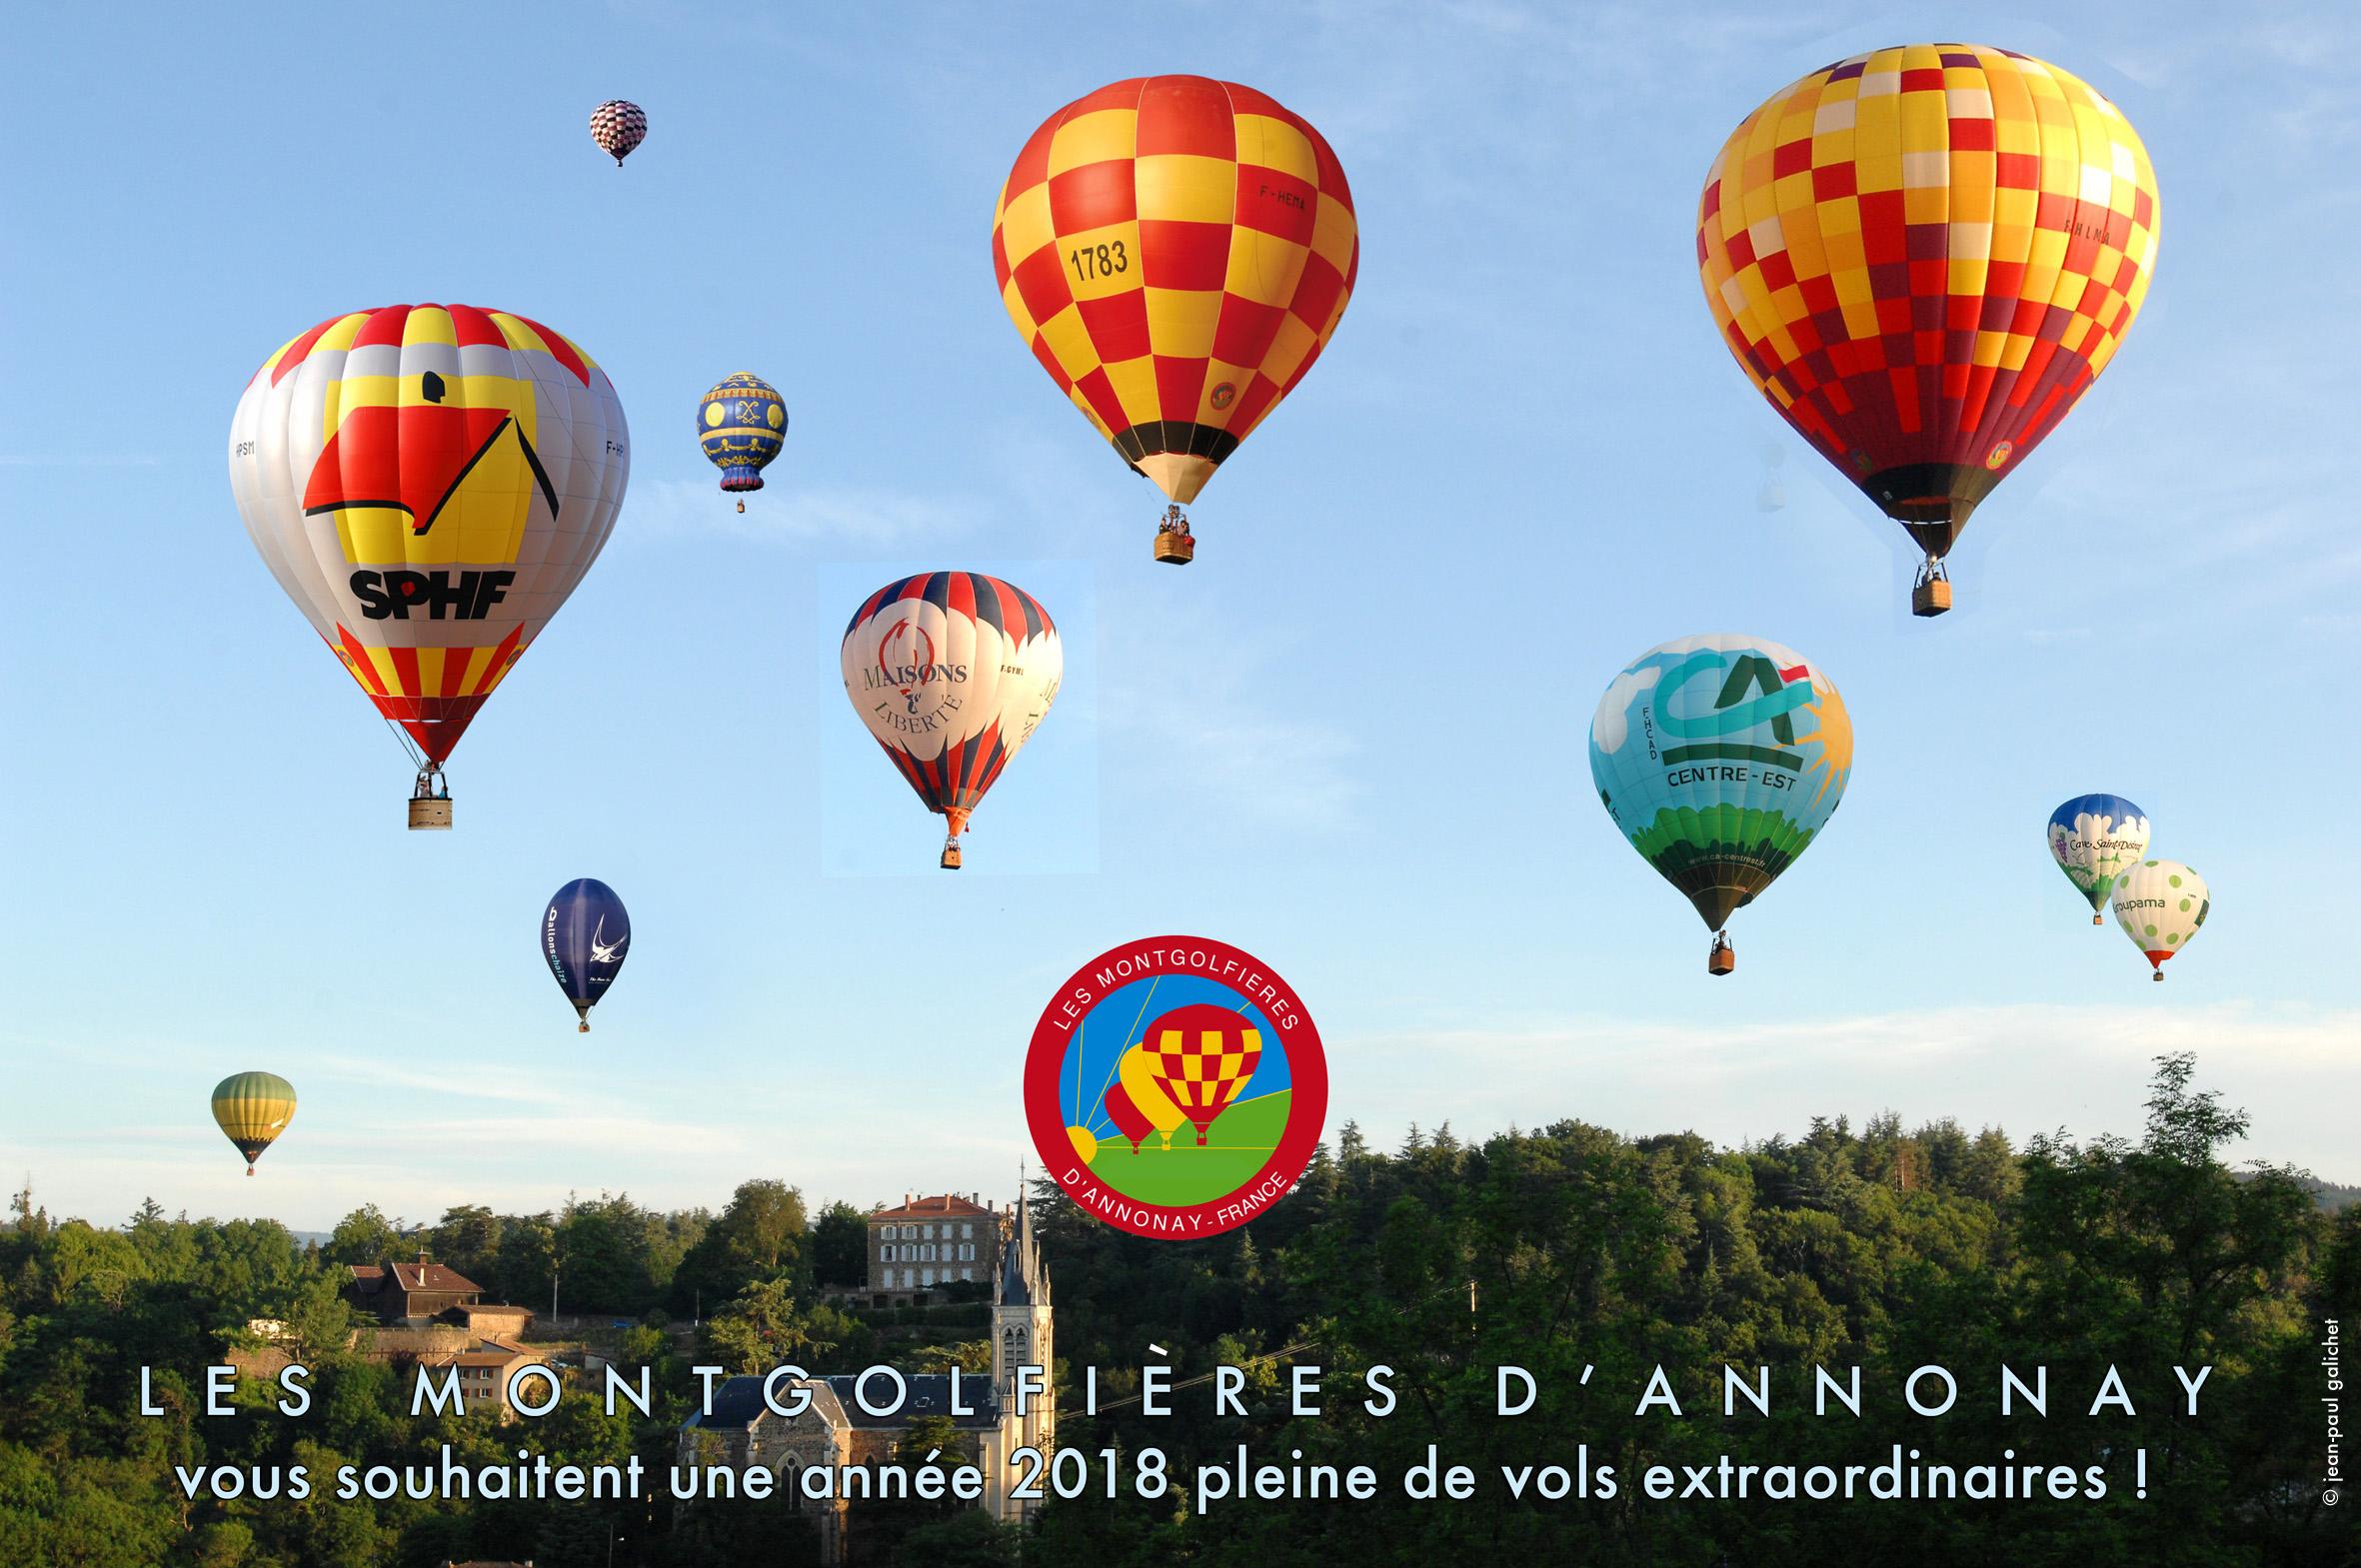 montgolfiere d'annonay